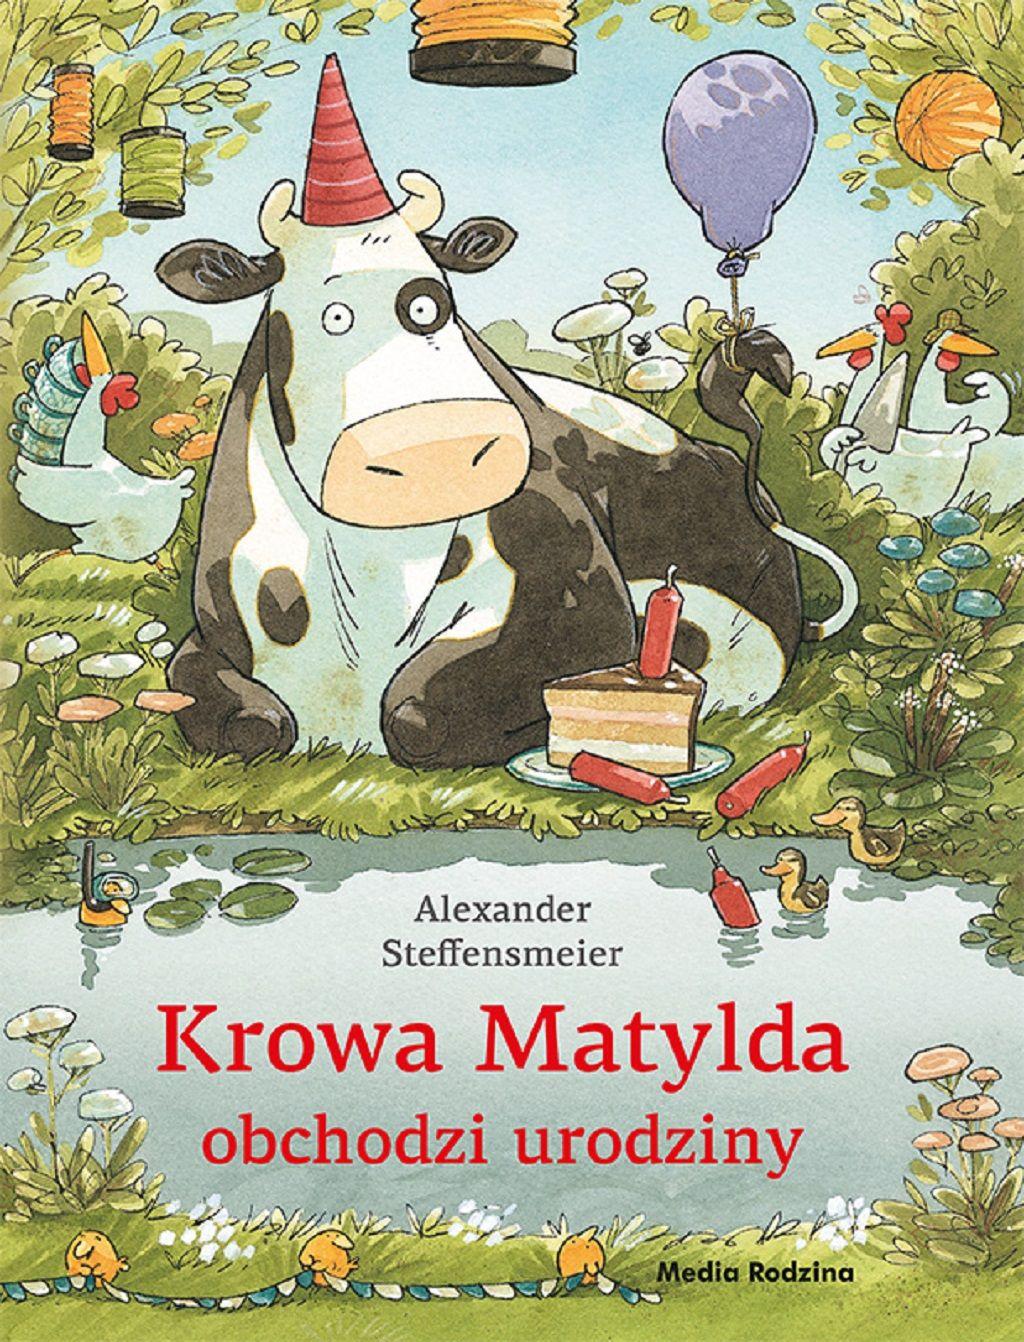 Alexander Steffensmeier – Krowa Matylda obchodzi urodziny